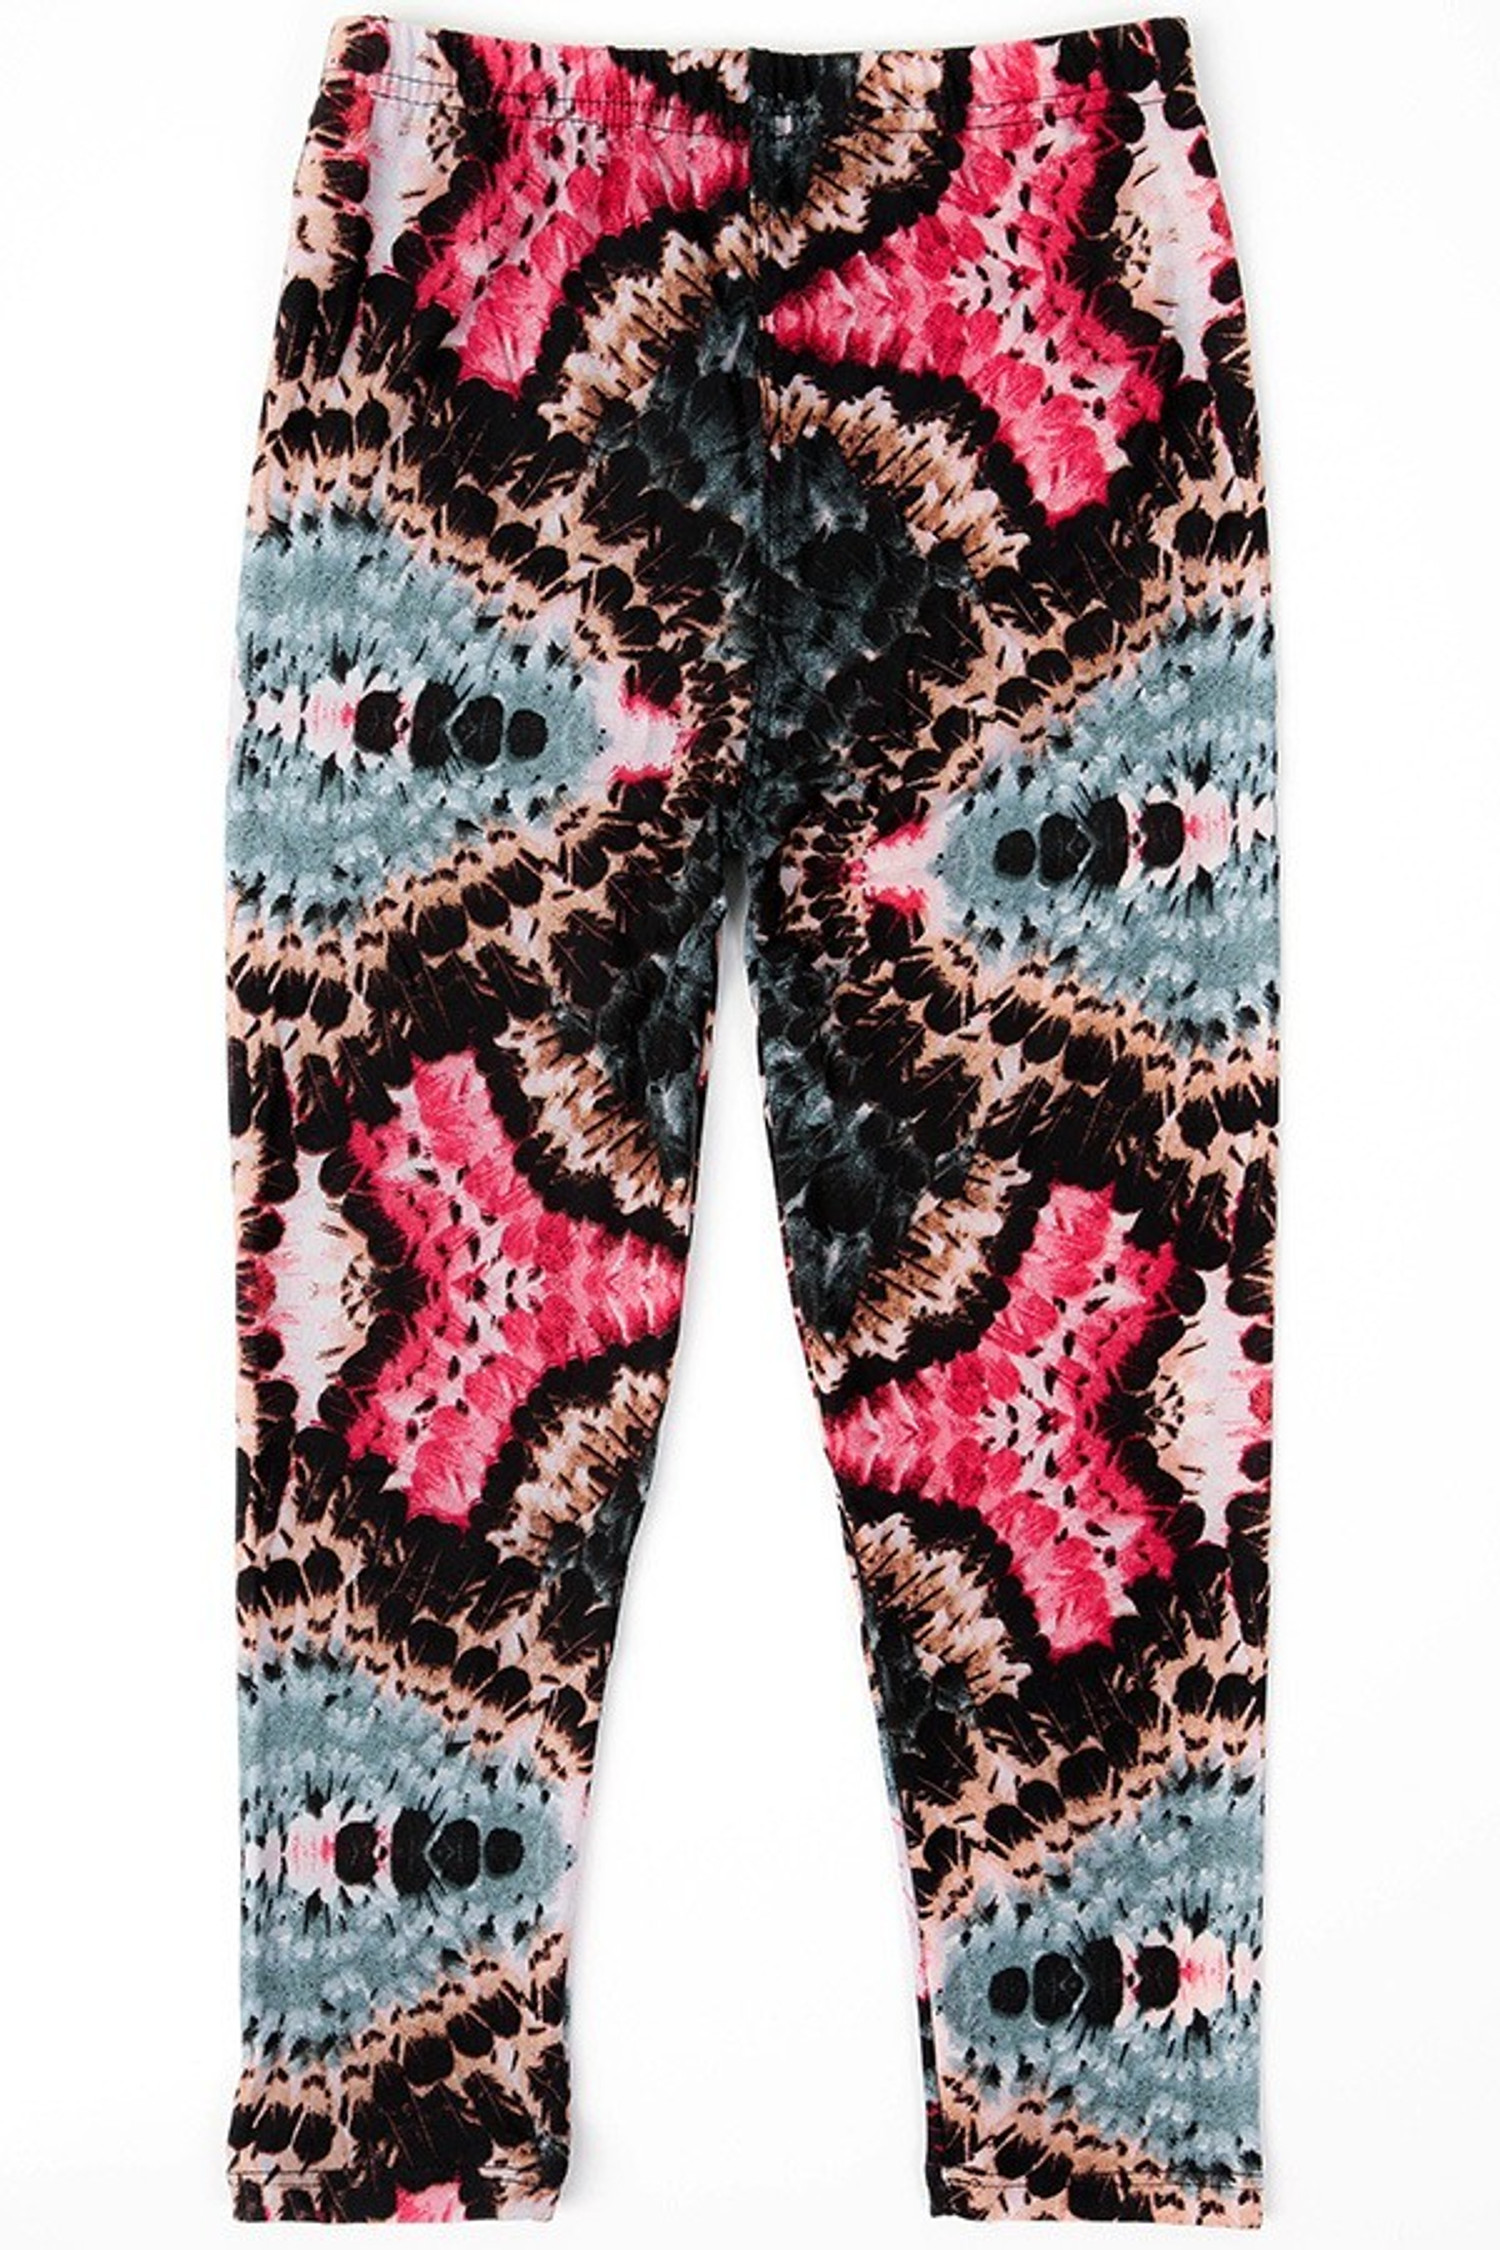 Abstract Tie Dye Kids Leggings